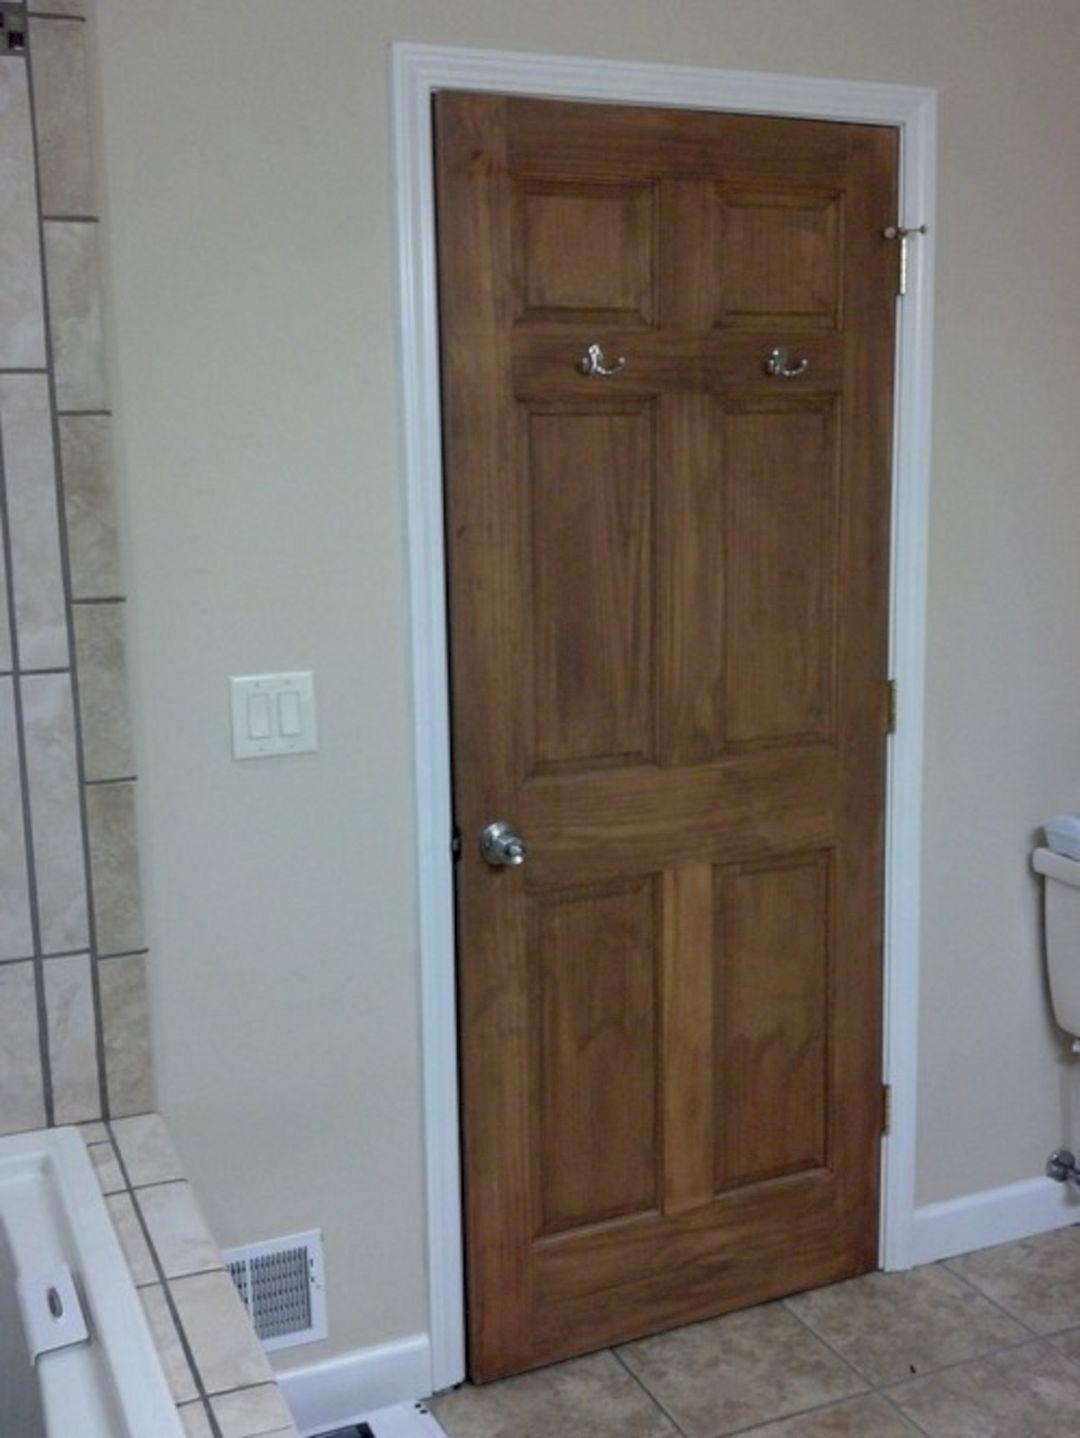 Interior doors white trim with woods interior doors white for Trim designs interior